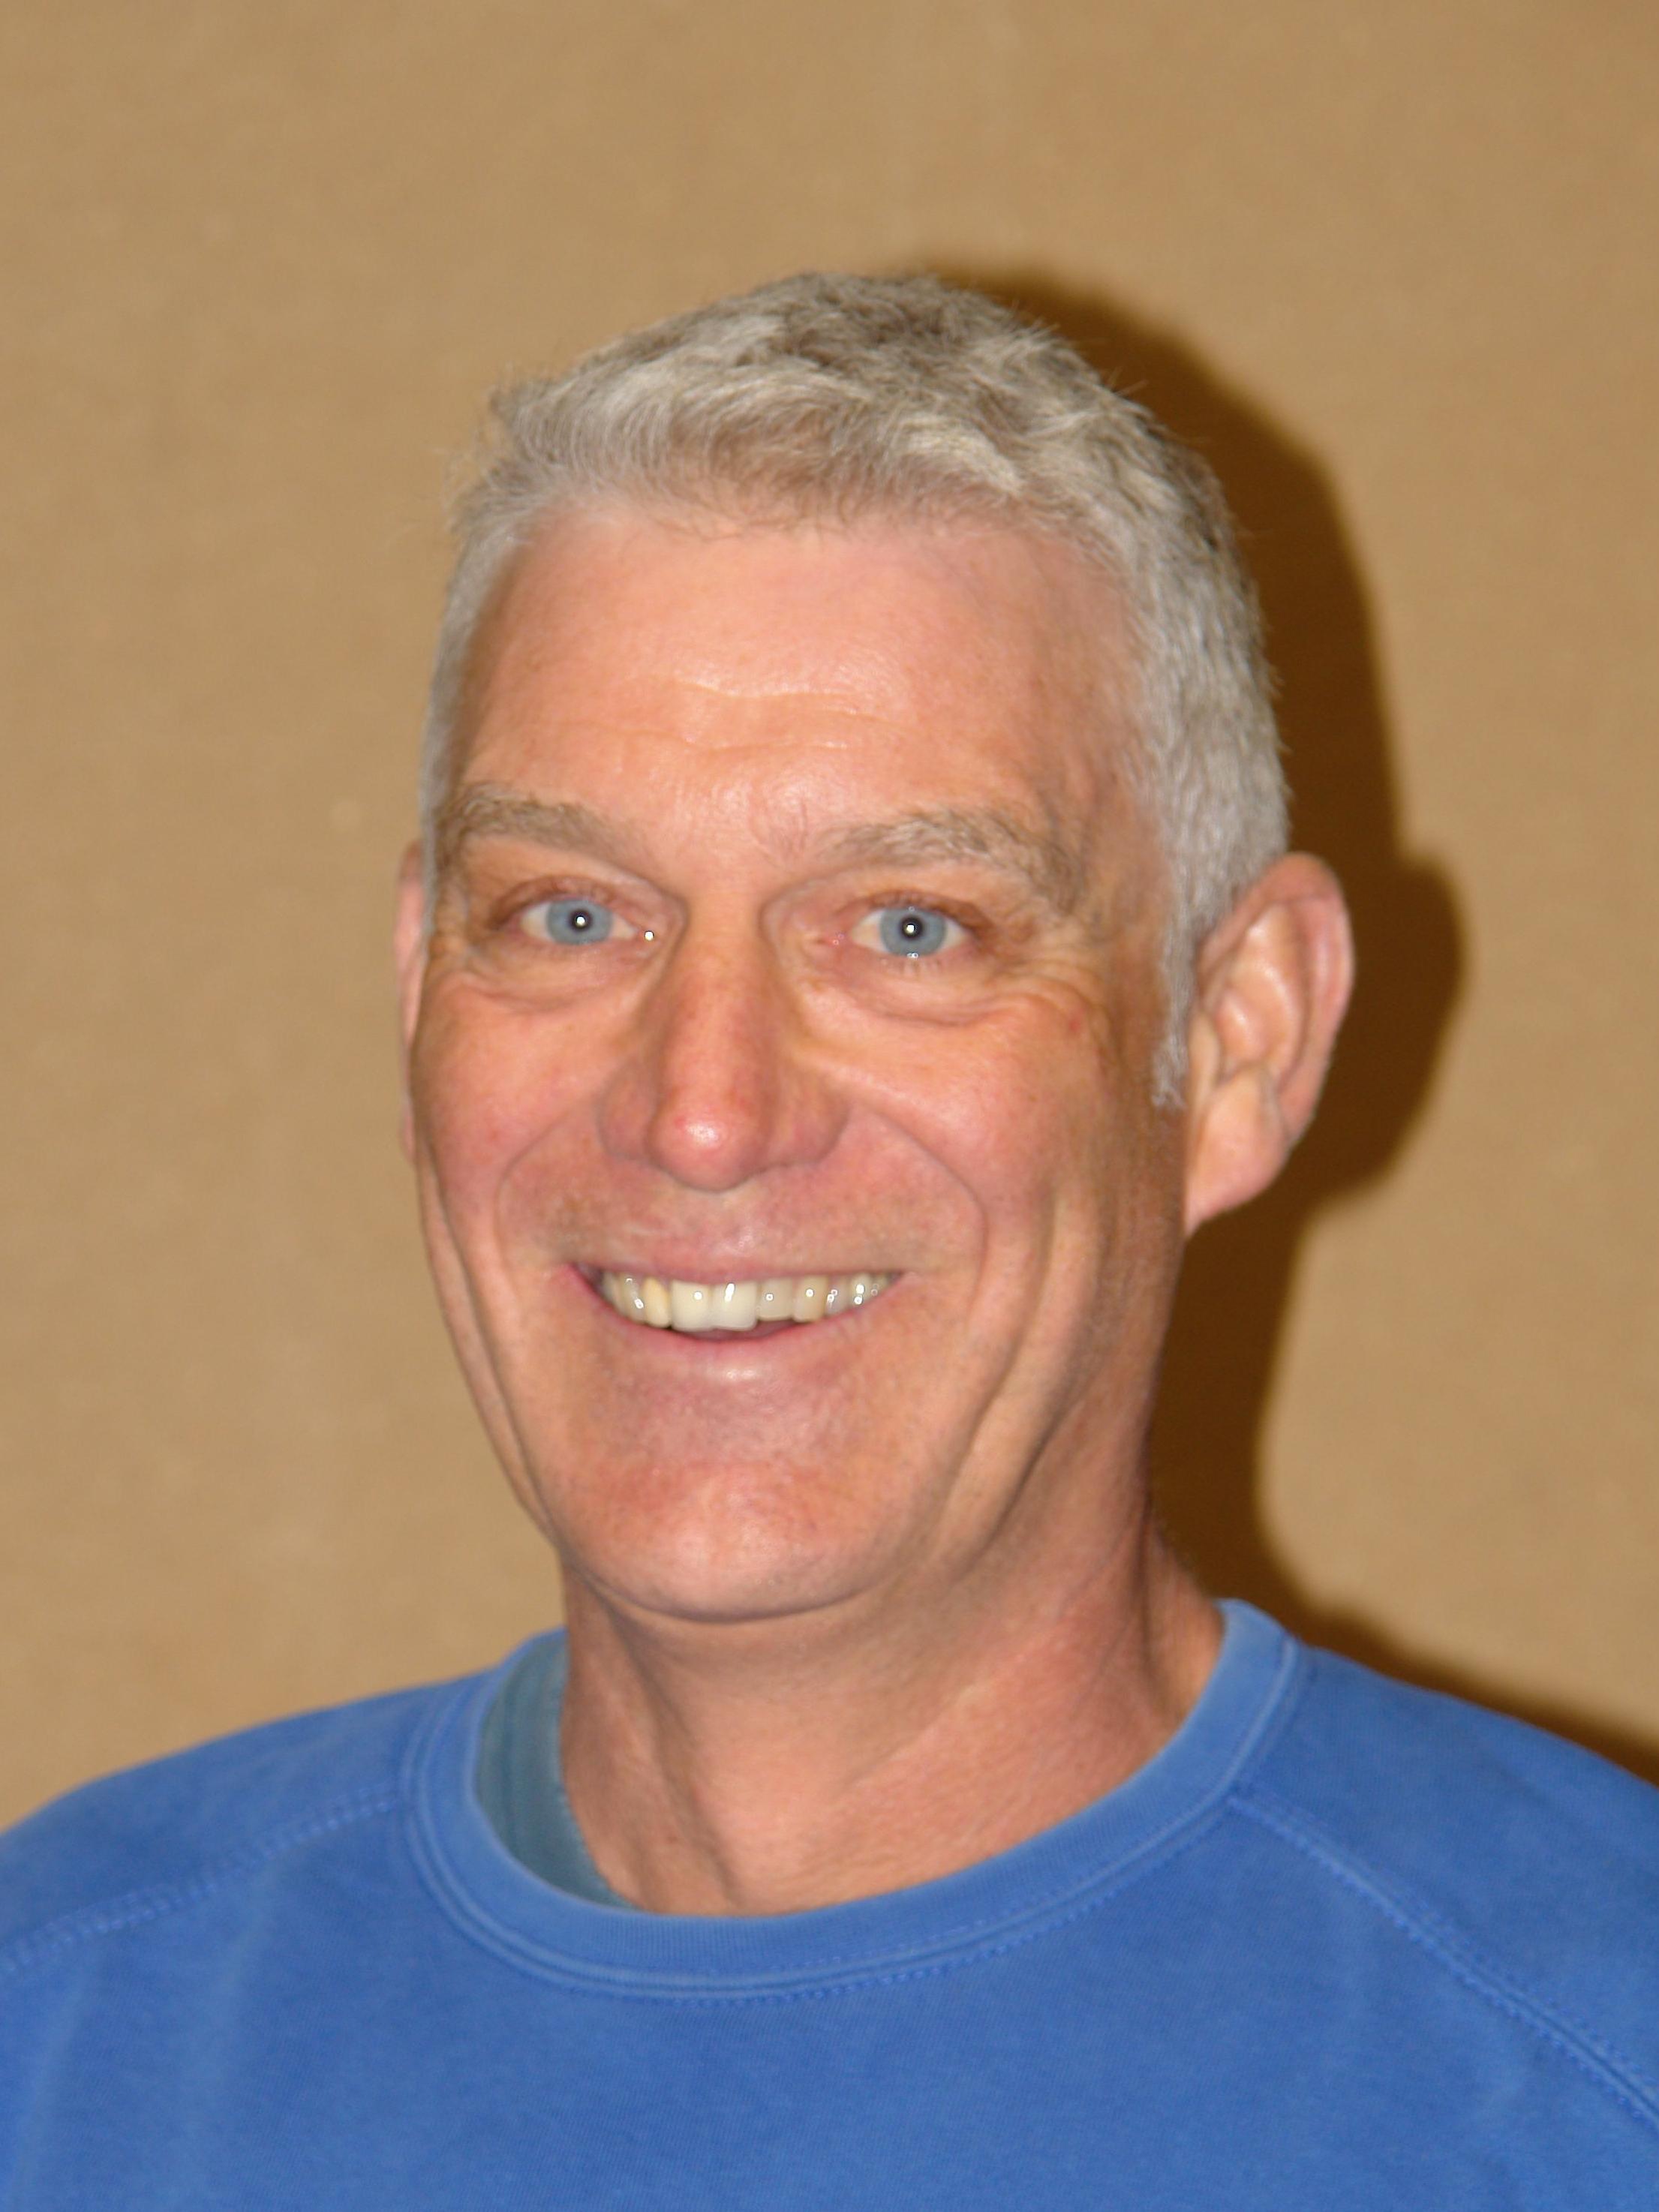 Simon Steffen